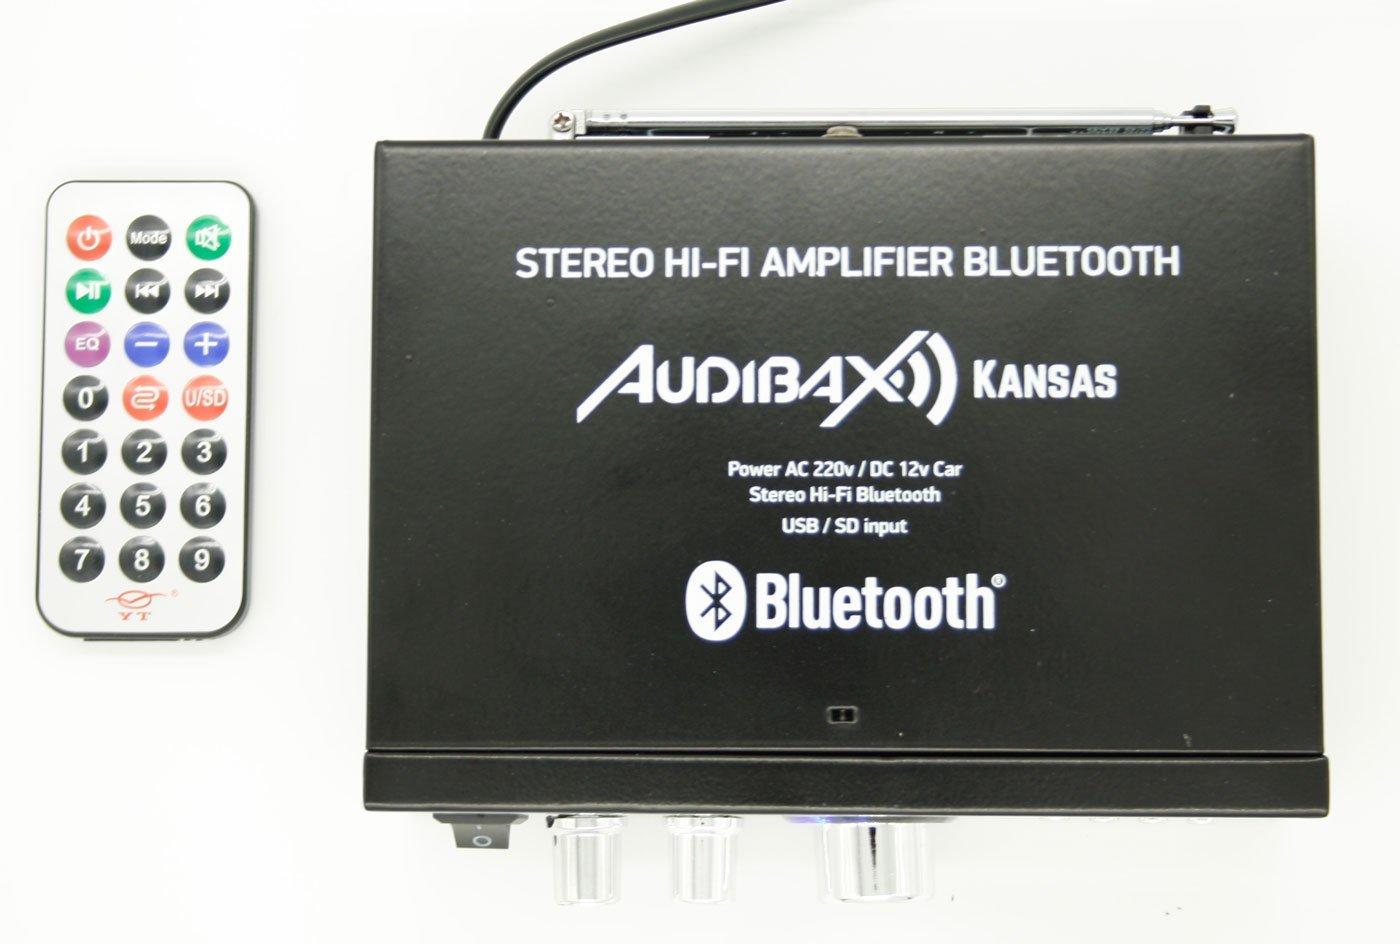 Audibax KANSAS Amplificador HiFi con Bluetooth / MP3 / FM 2 x 40W (Reacondicionado Certificado): Amazon.es: Electrónica